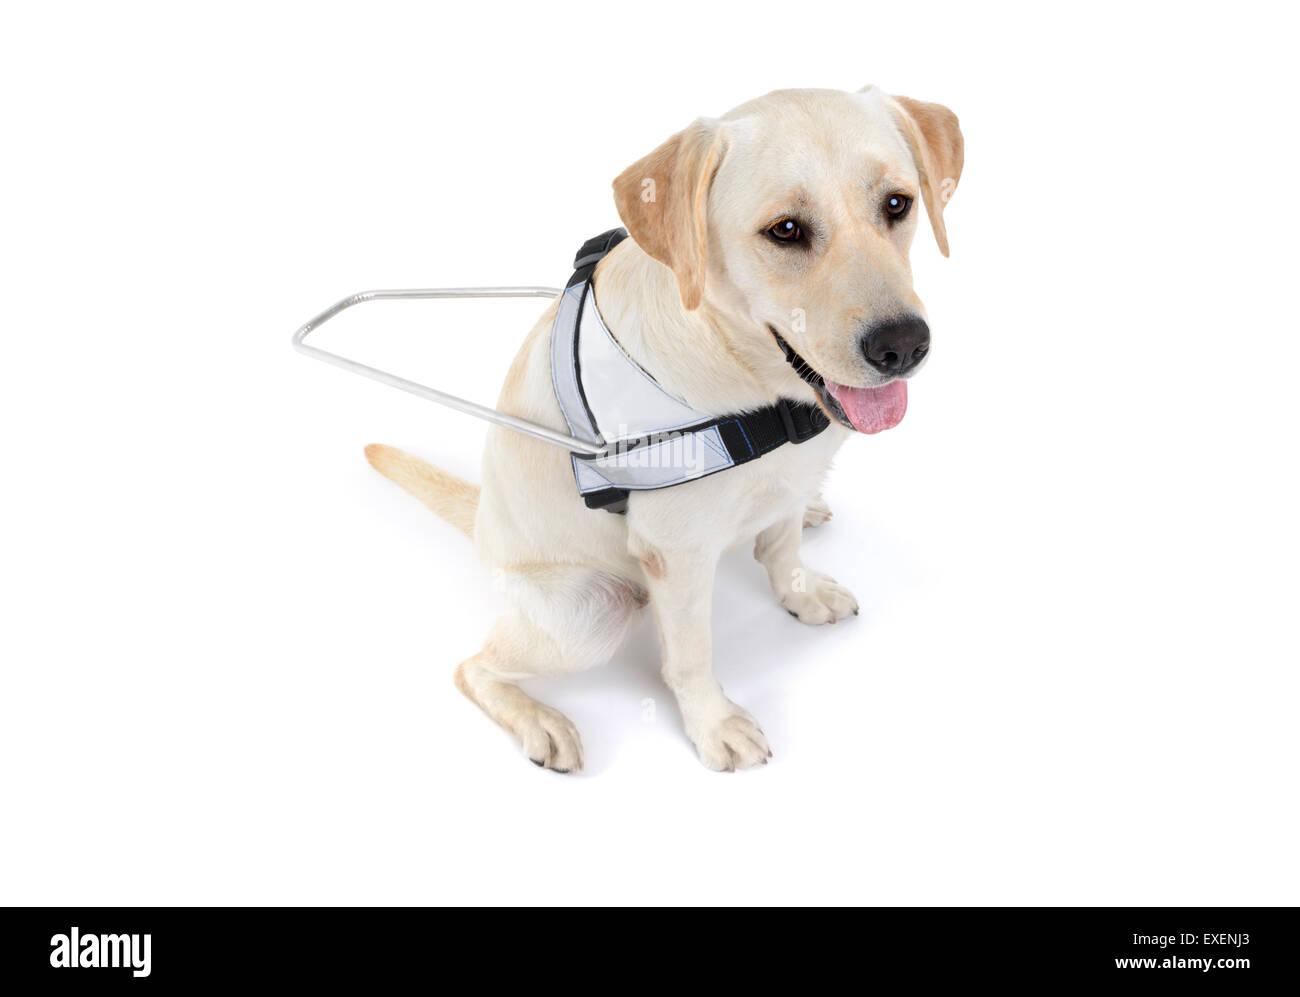 Blindenhund für blinde ausgeschnitten isoliert auf weißem Hintergrund Stockbild